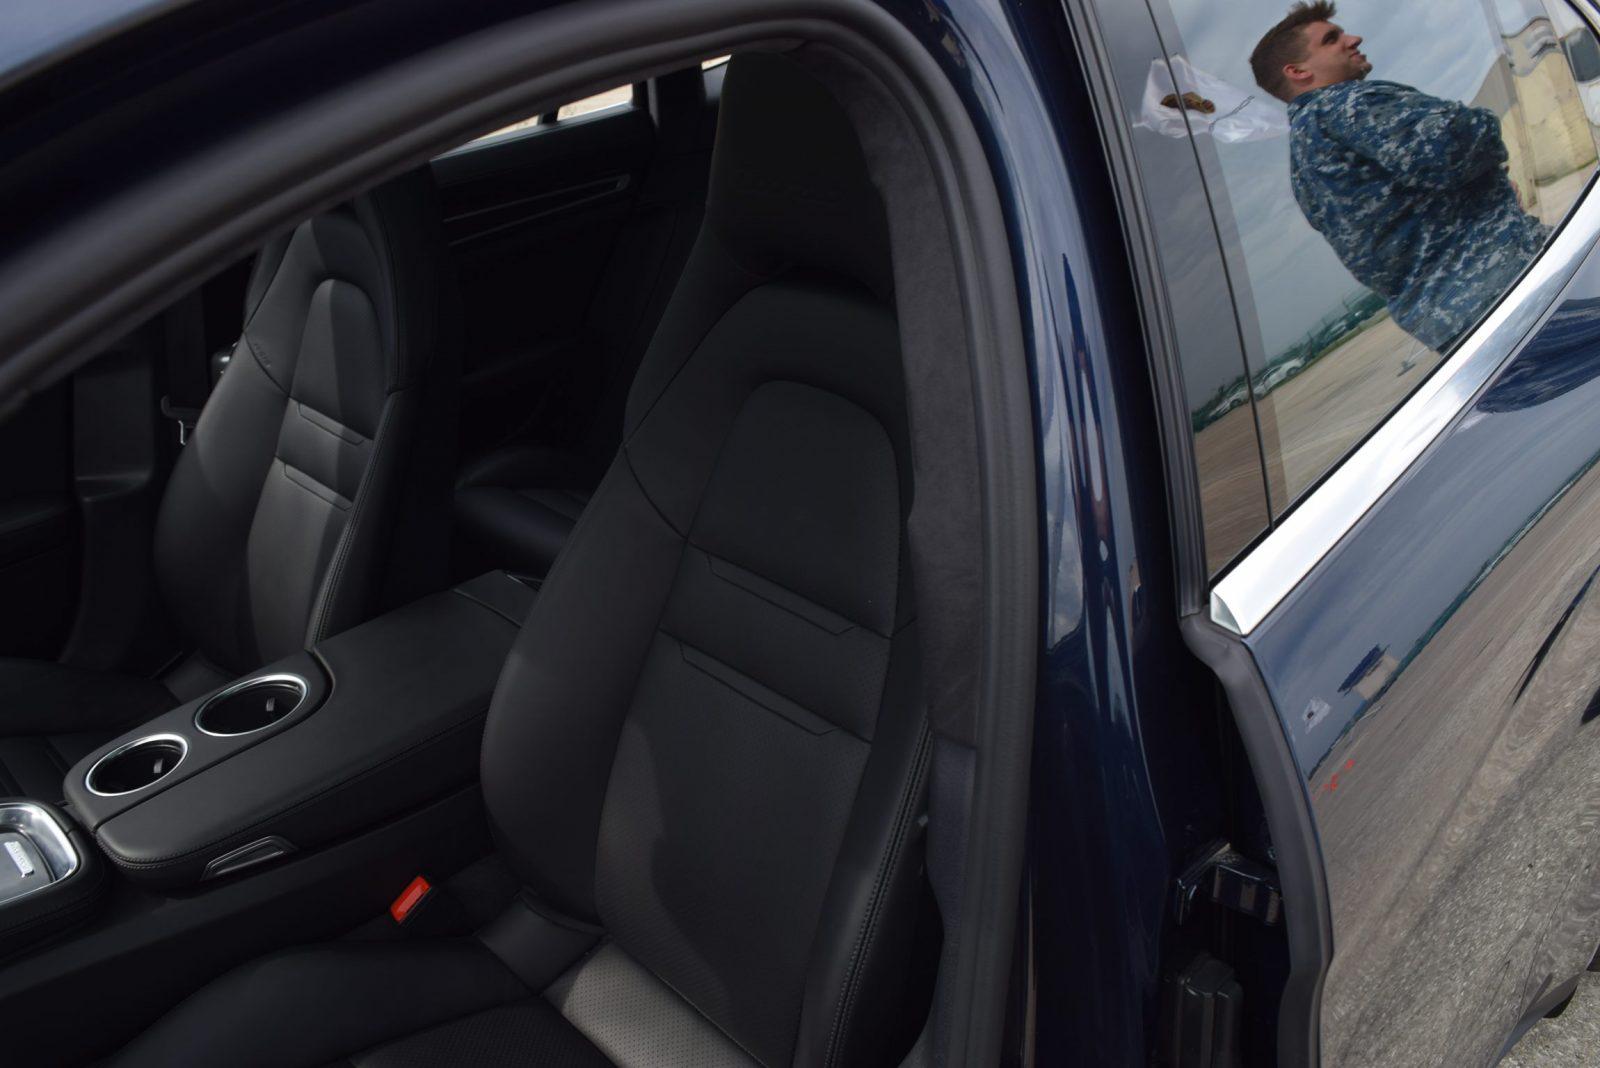 2017 Porsche Panamera TURBO Interior 9